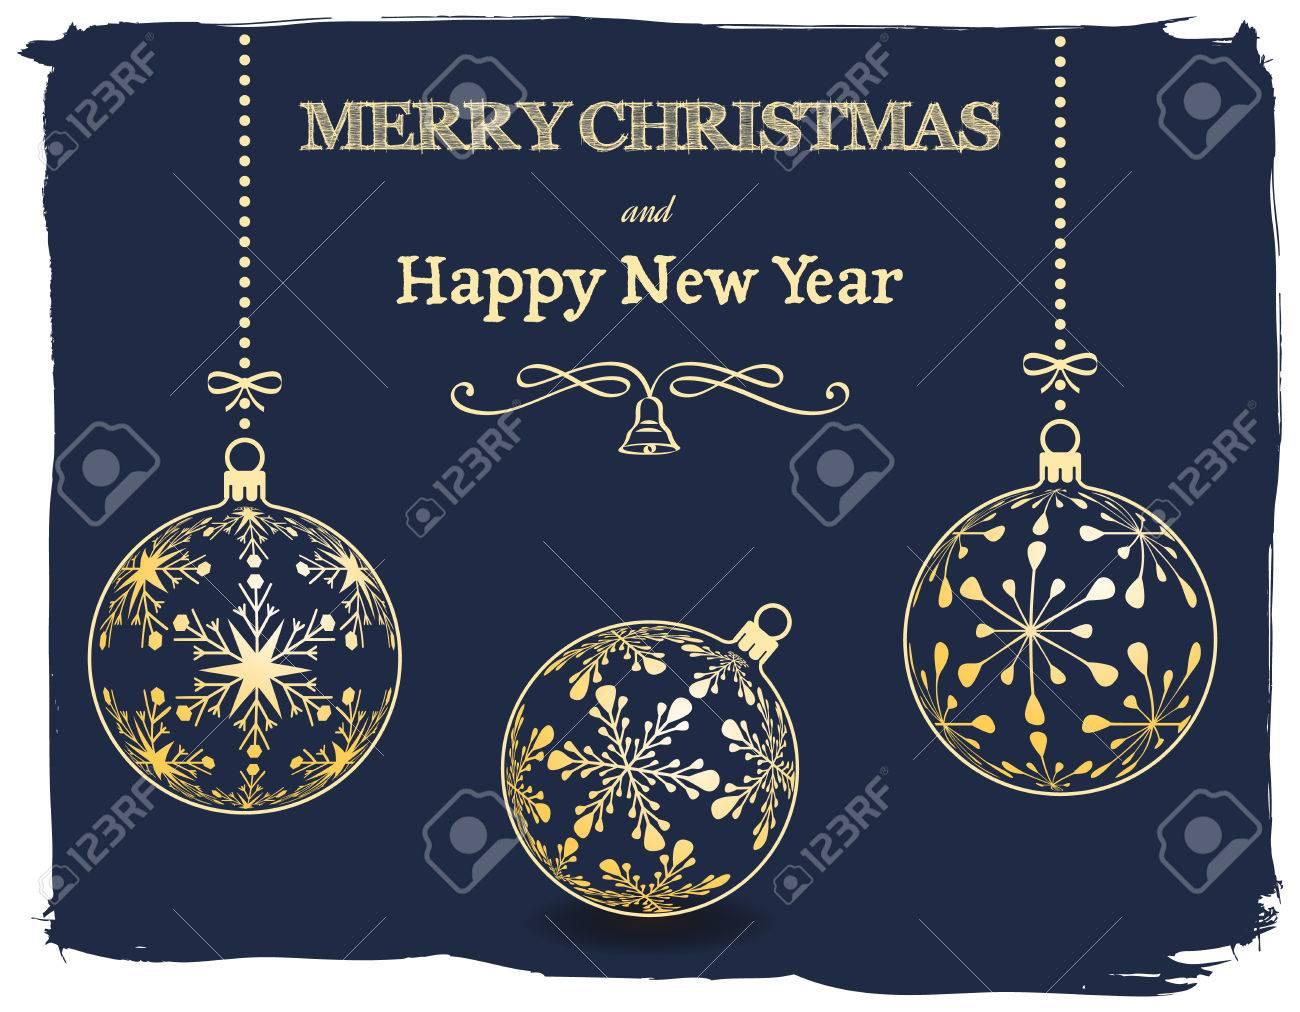 Vrolijk Kerstfeest En Gelukkig Nieuwjaar Donkerblauw Wenskaart